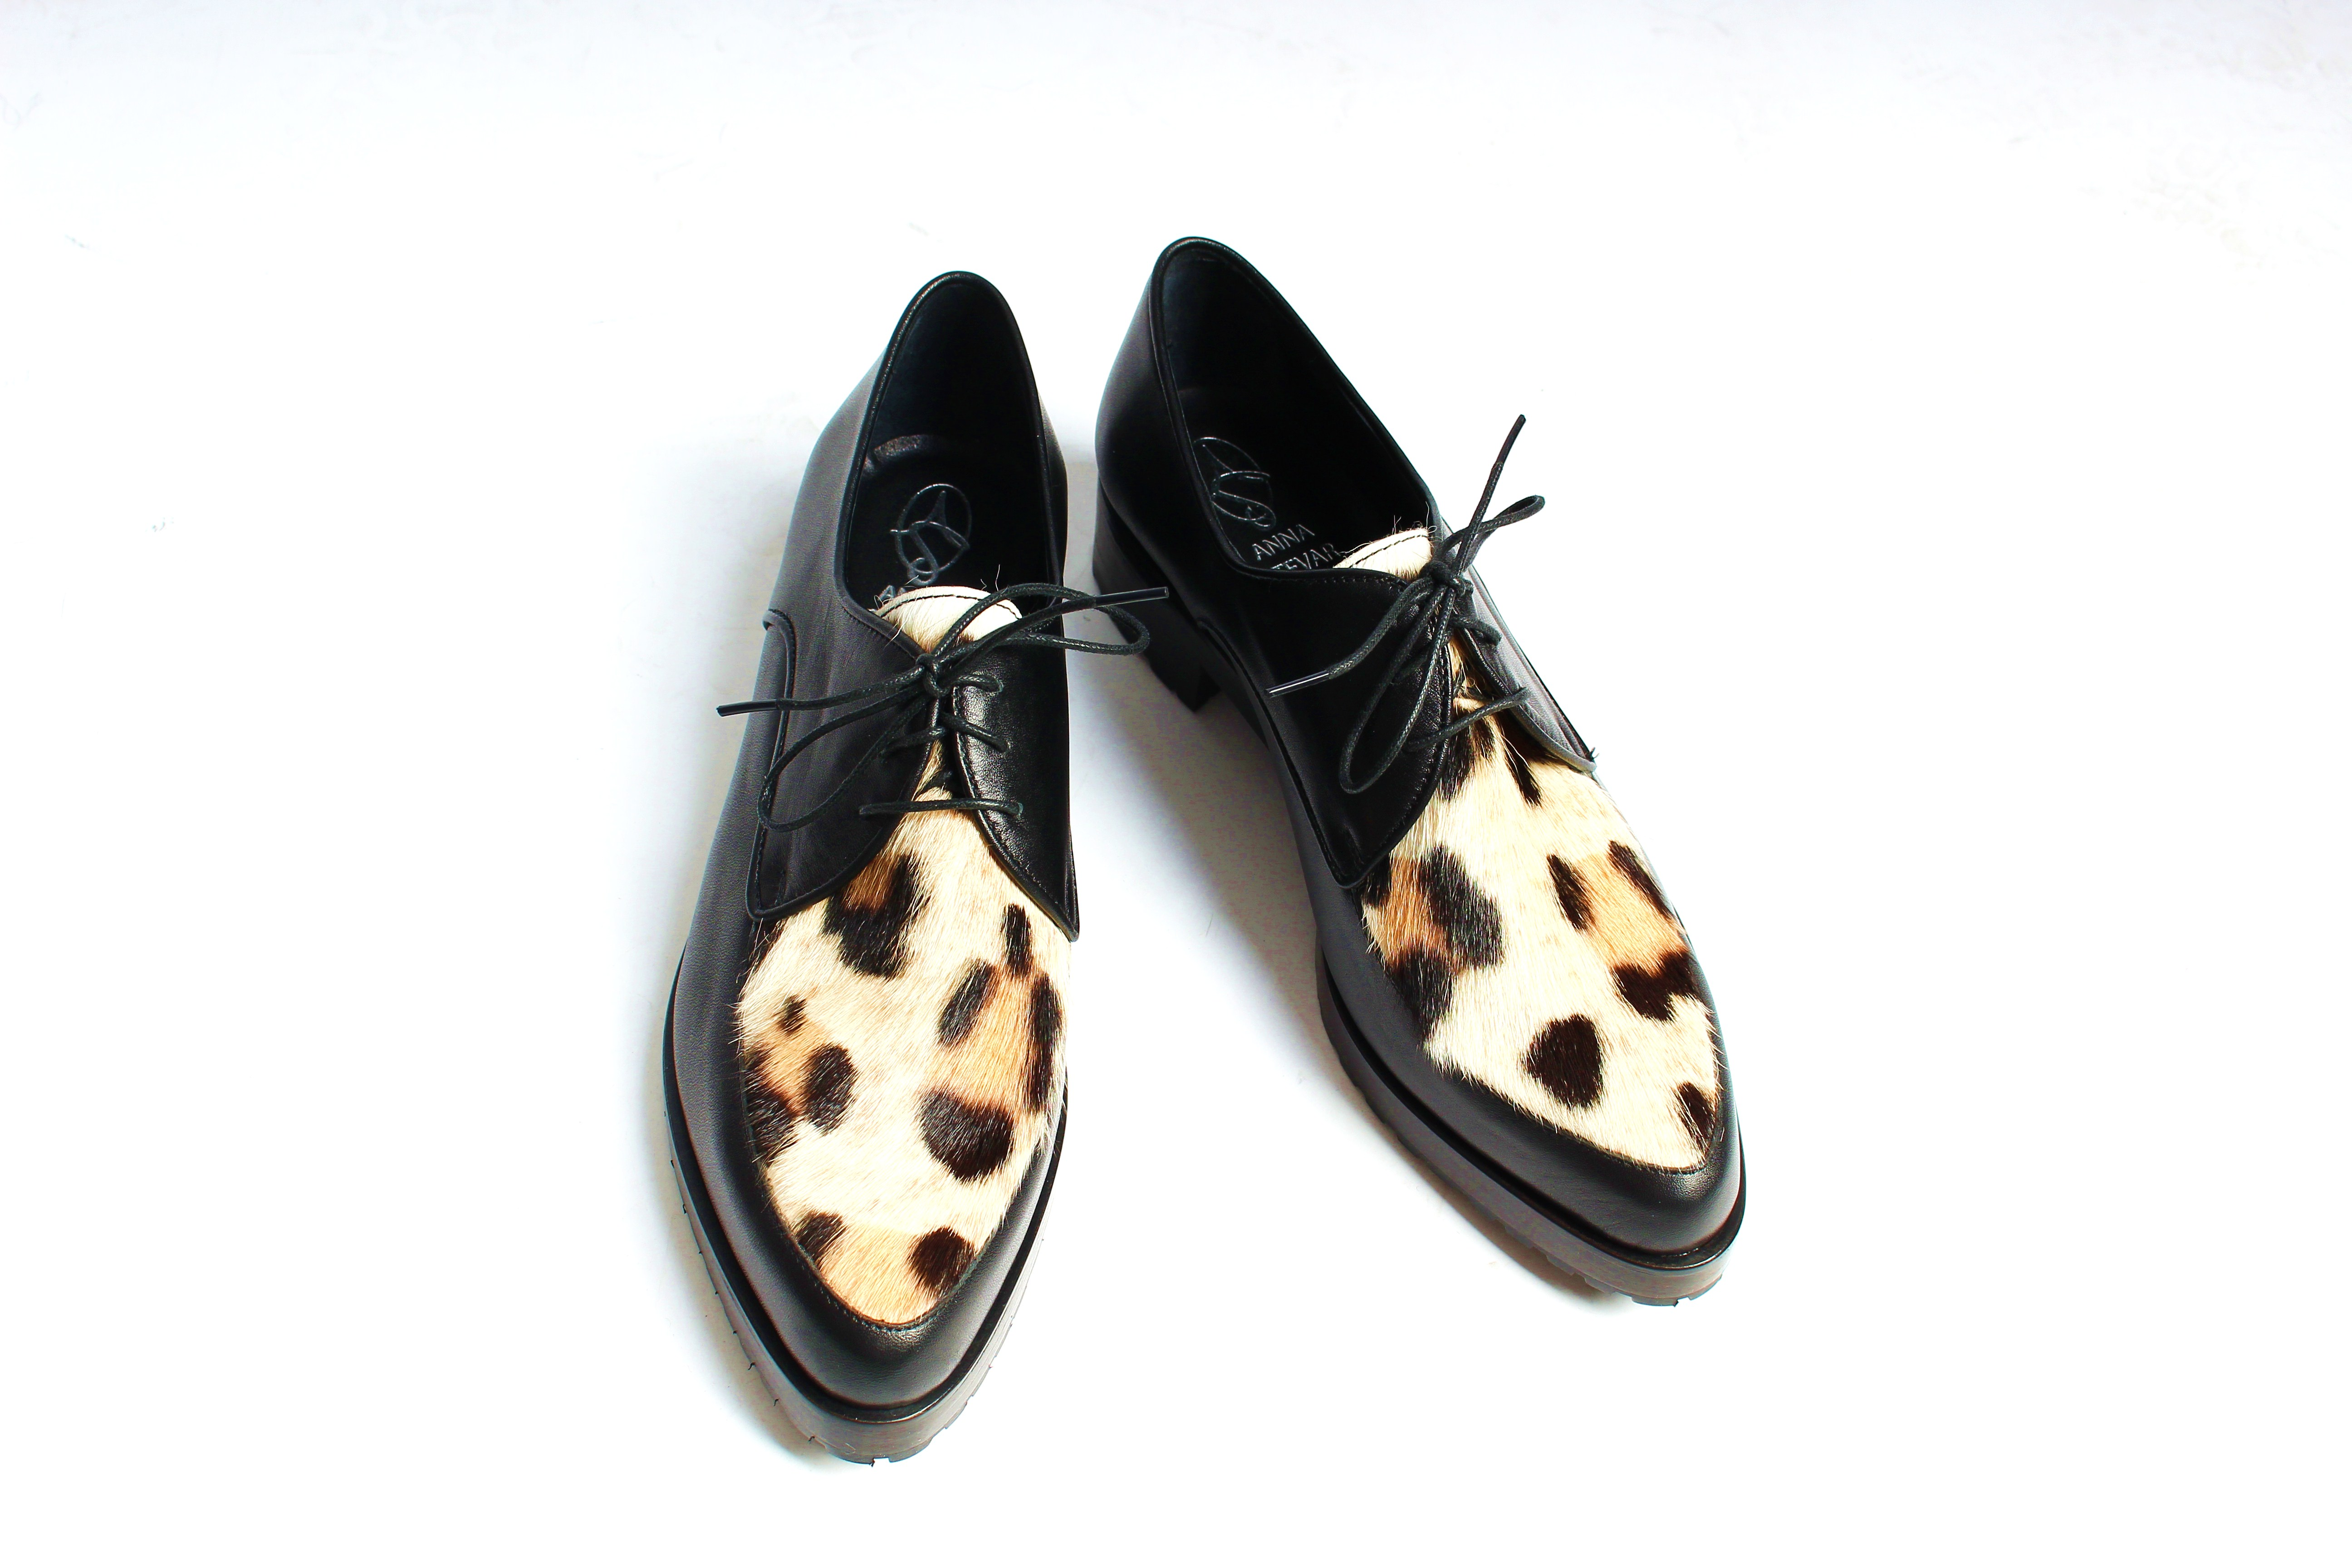 Ботинки с мехом козлика